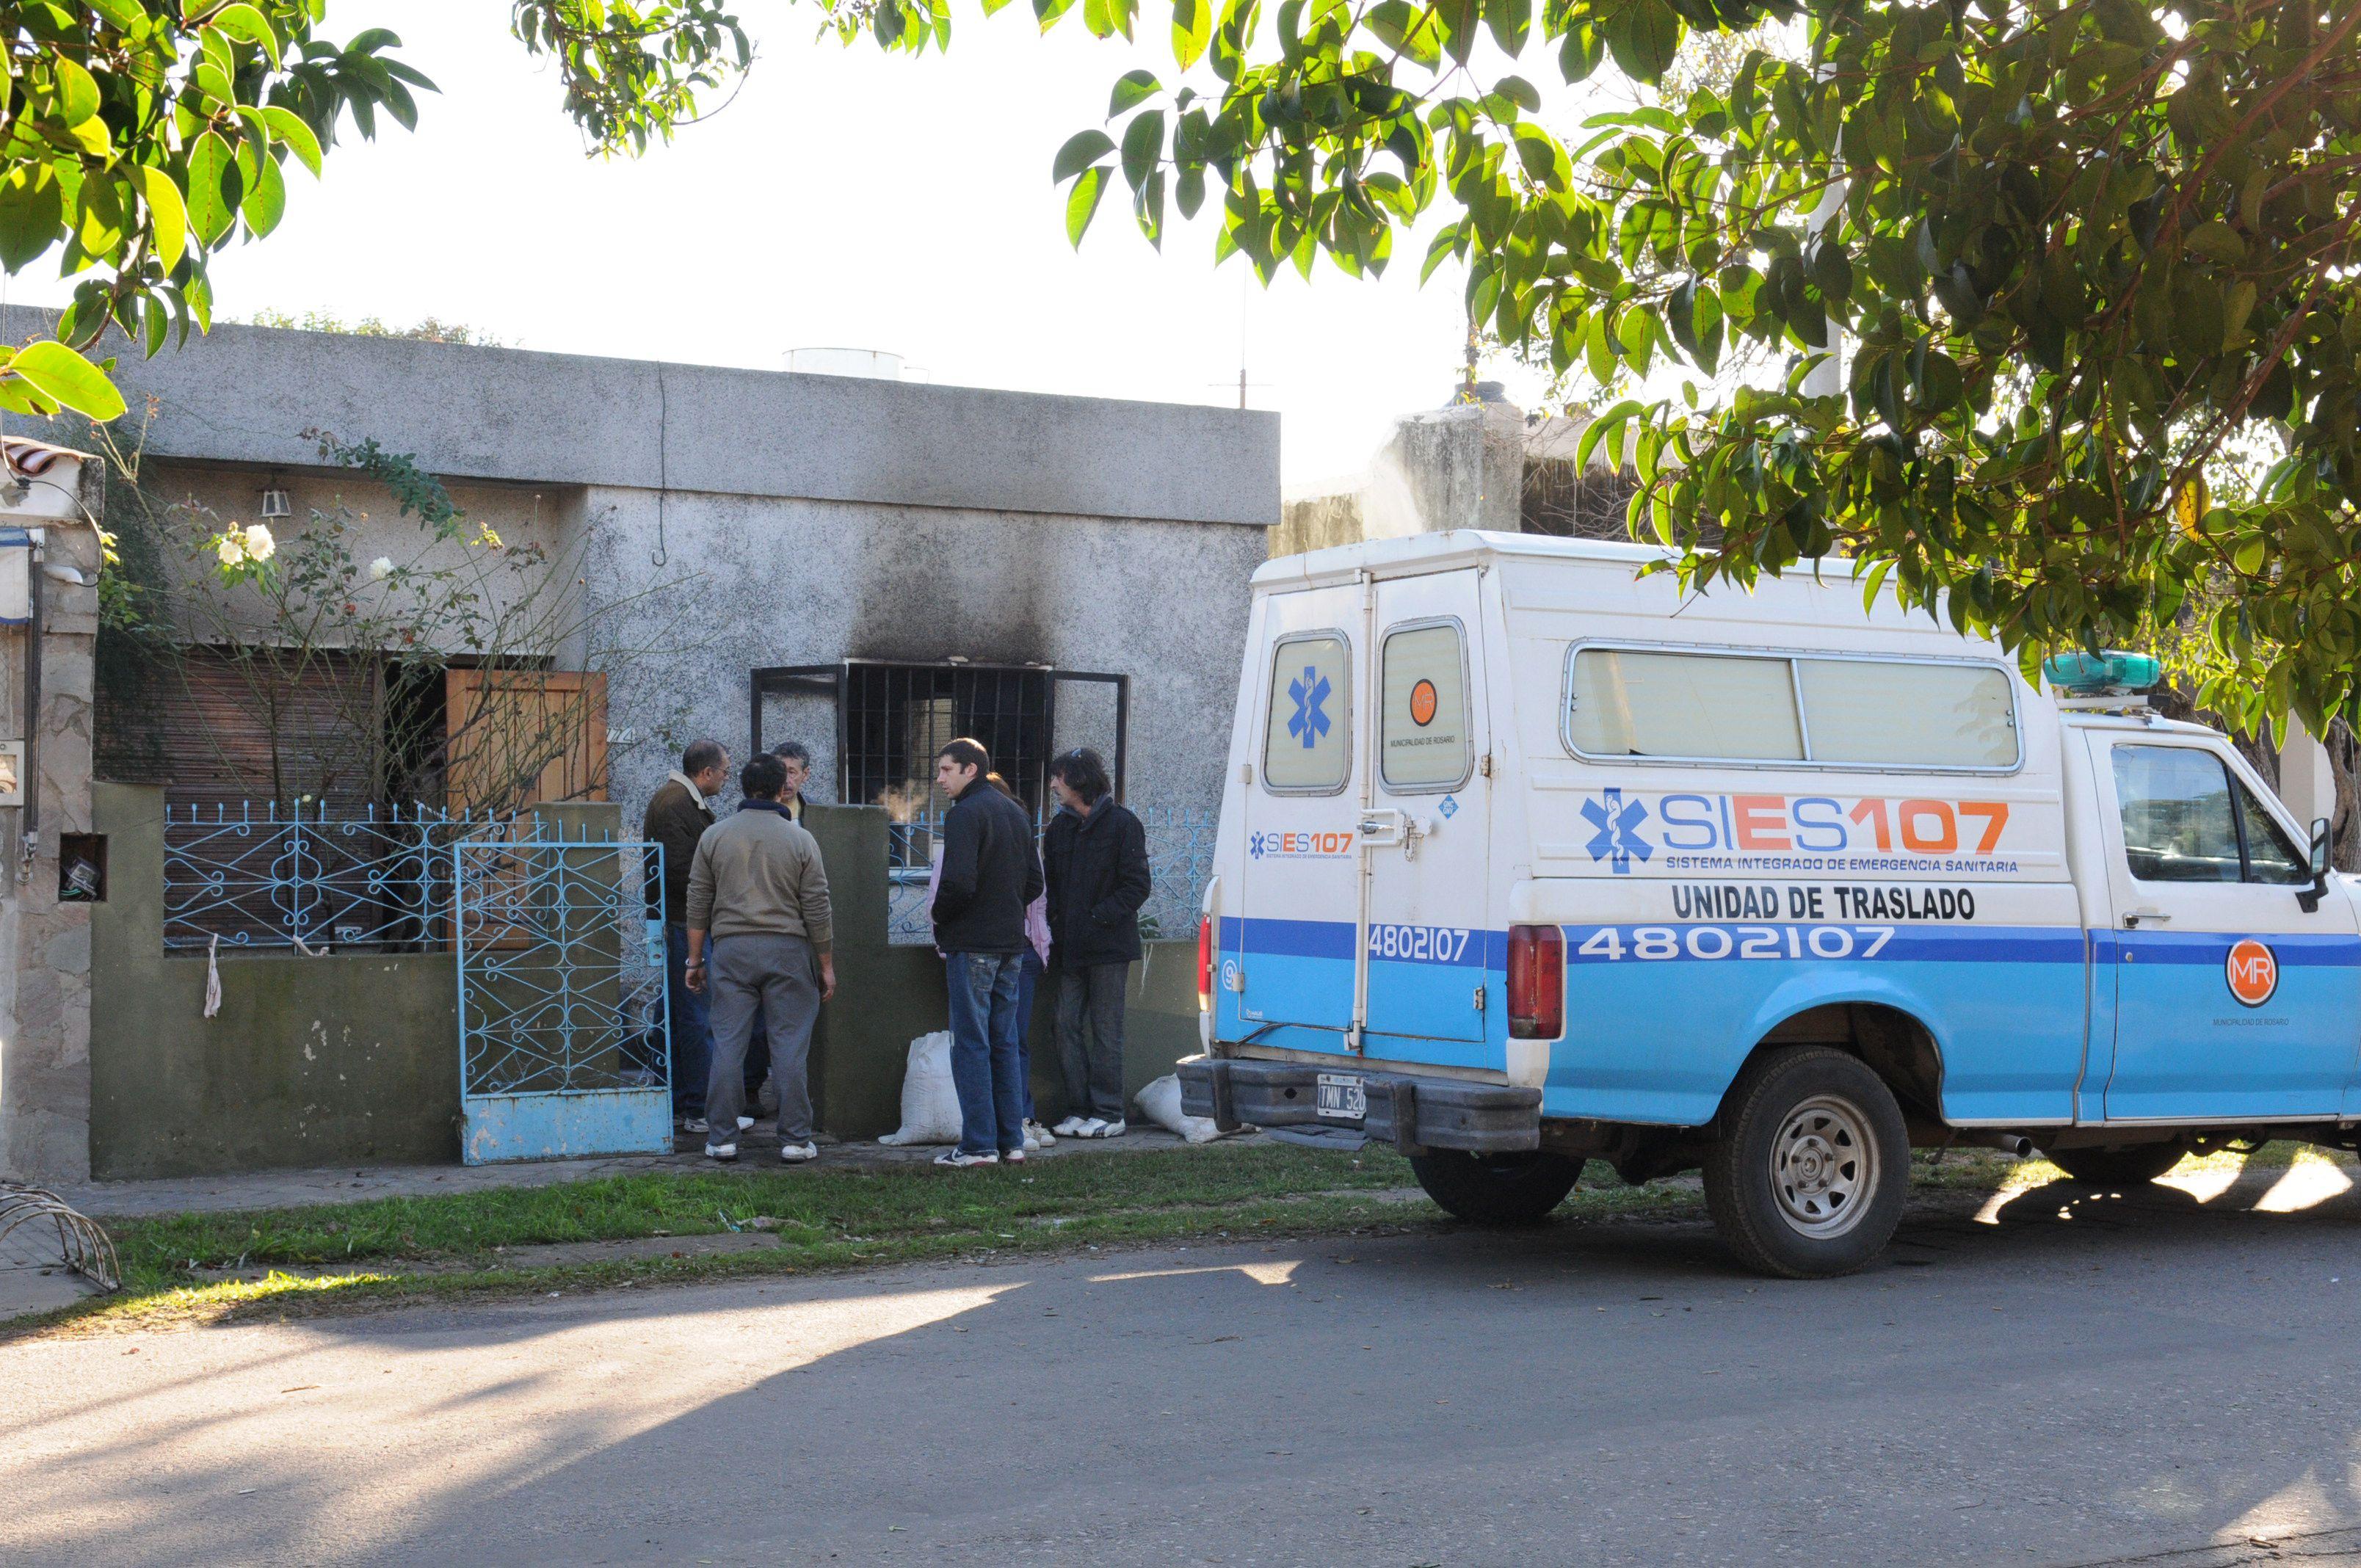 Dos ancianos murieron al incendiarse una vivienda en la zona sur de Rosario